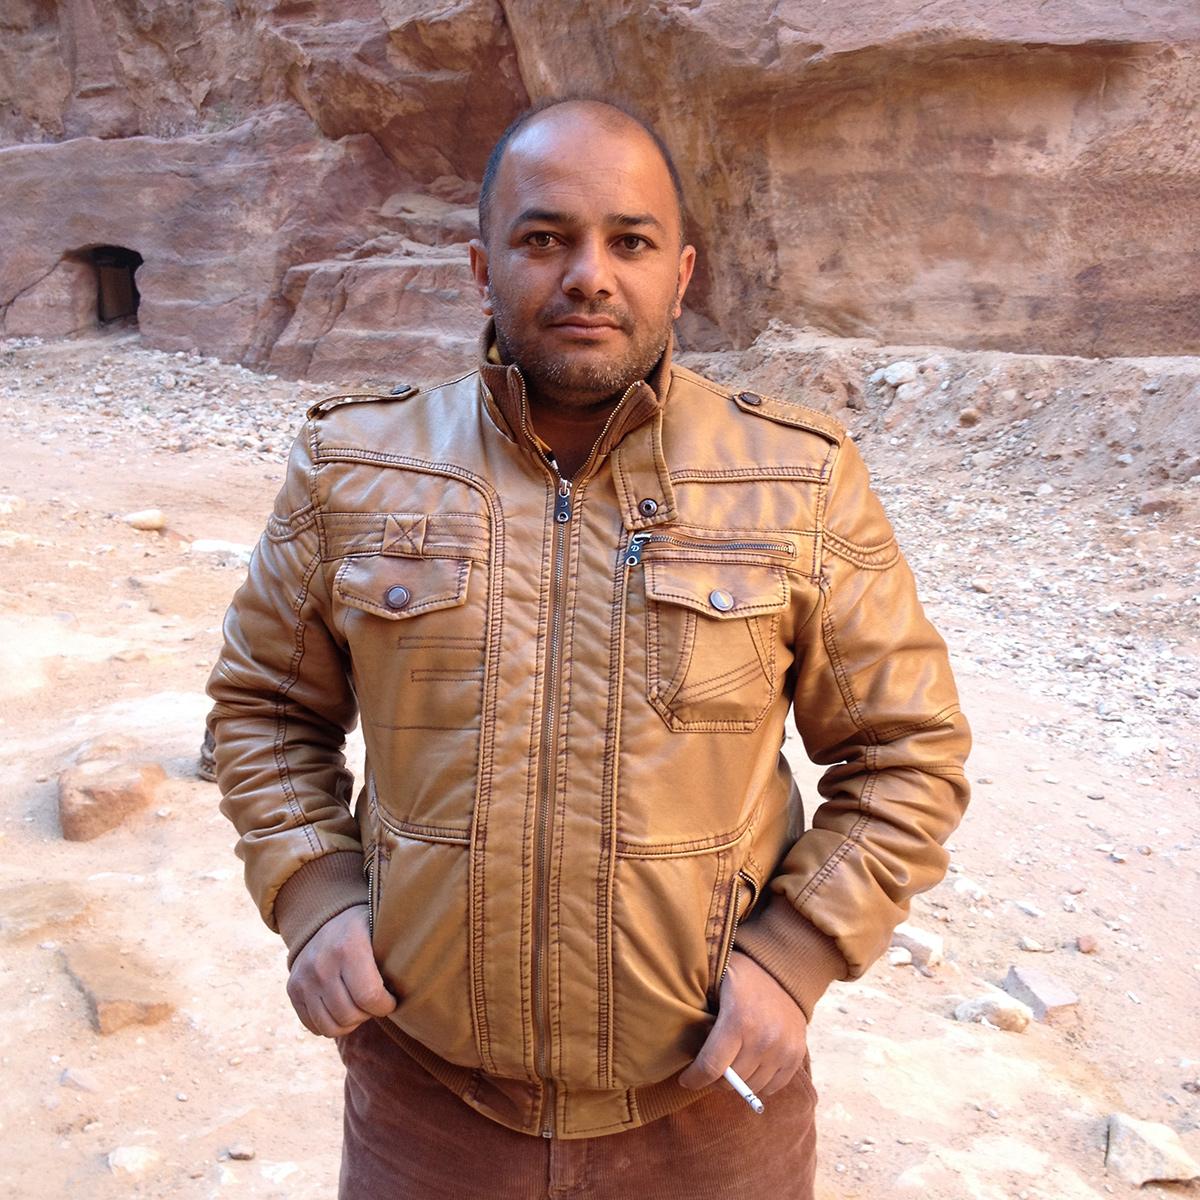 Petra-drone-tournage-02.jpg